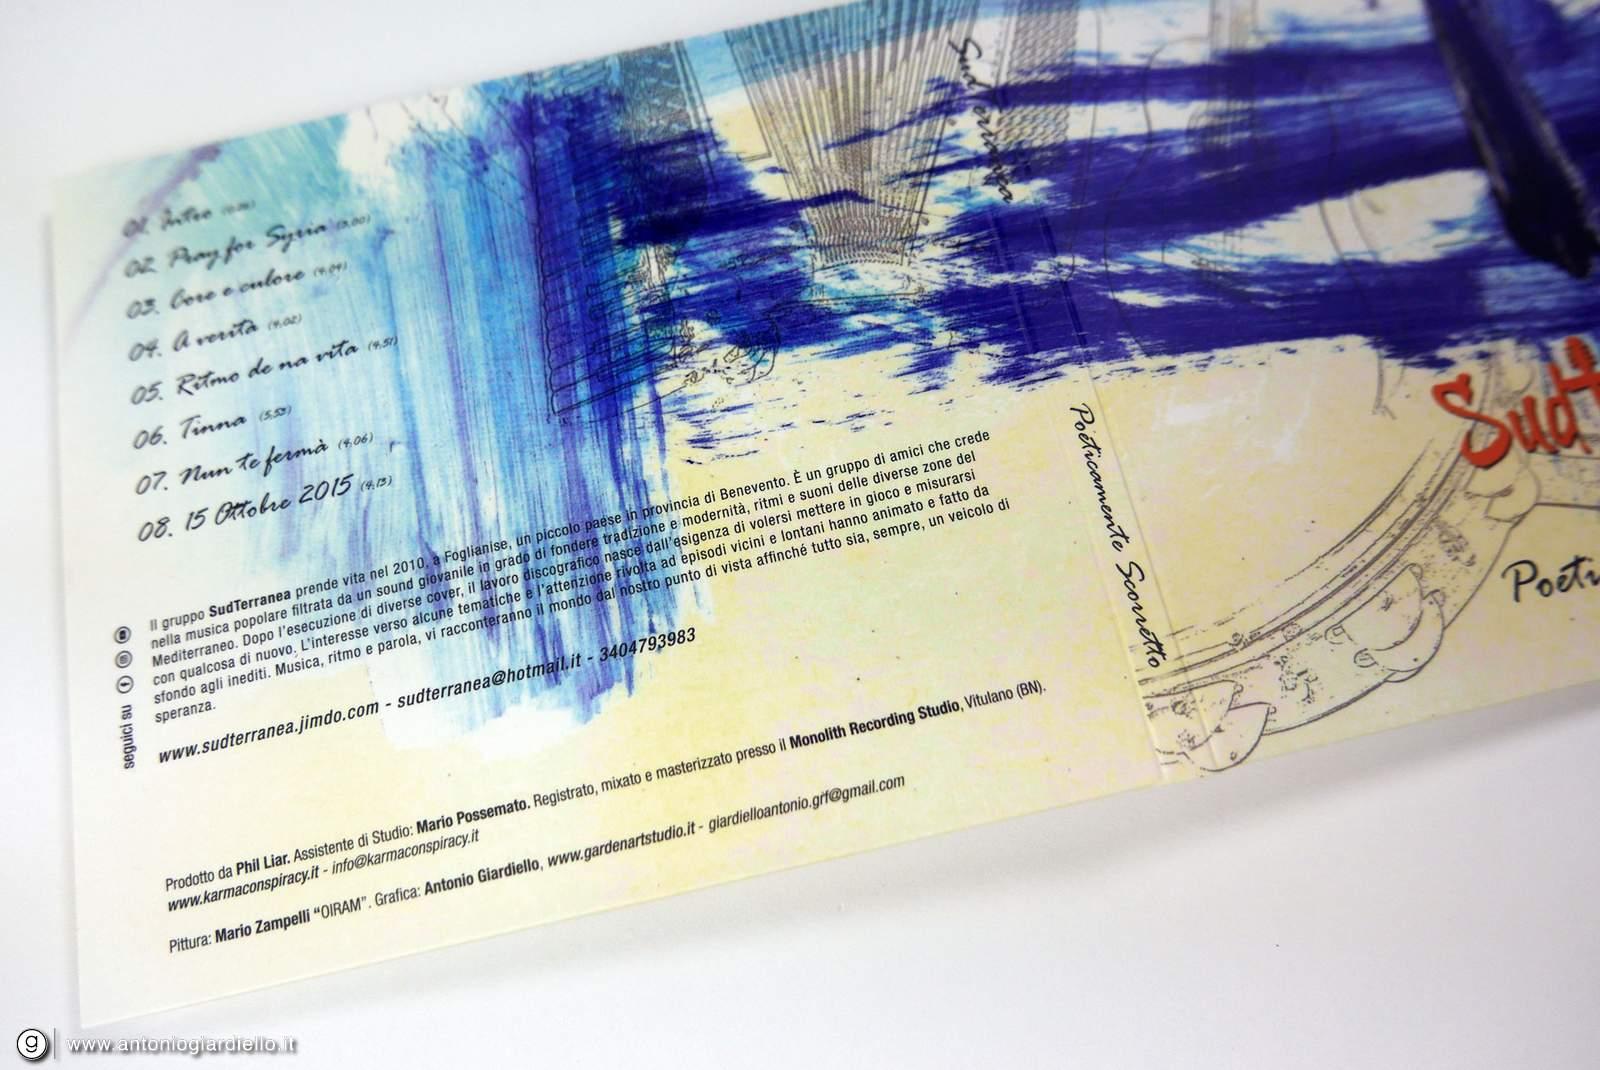 progettazione grafica album musicale poeticamente scorretto dei sudterranea15.jpg